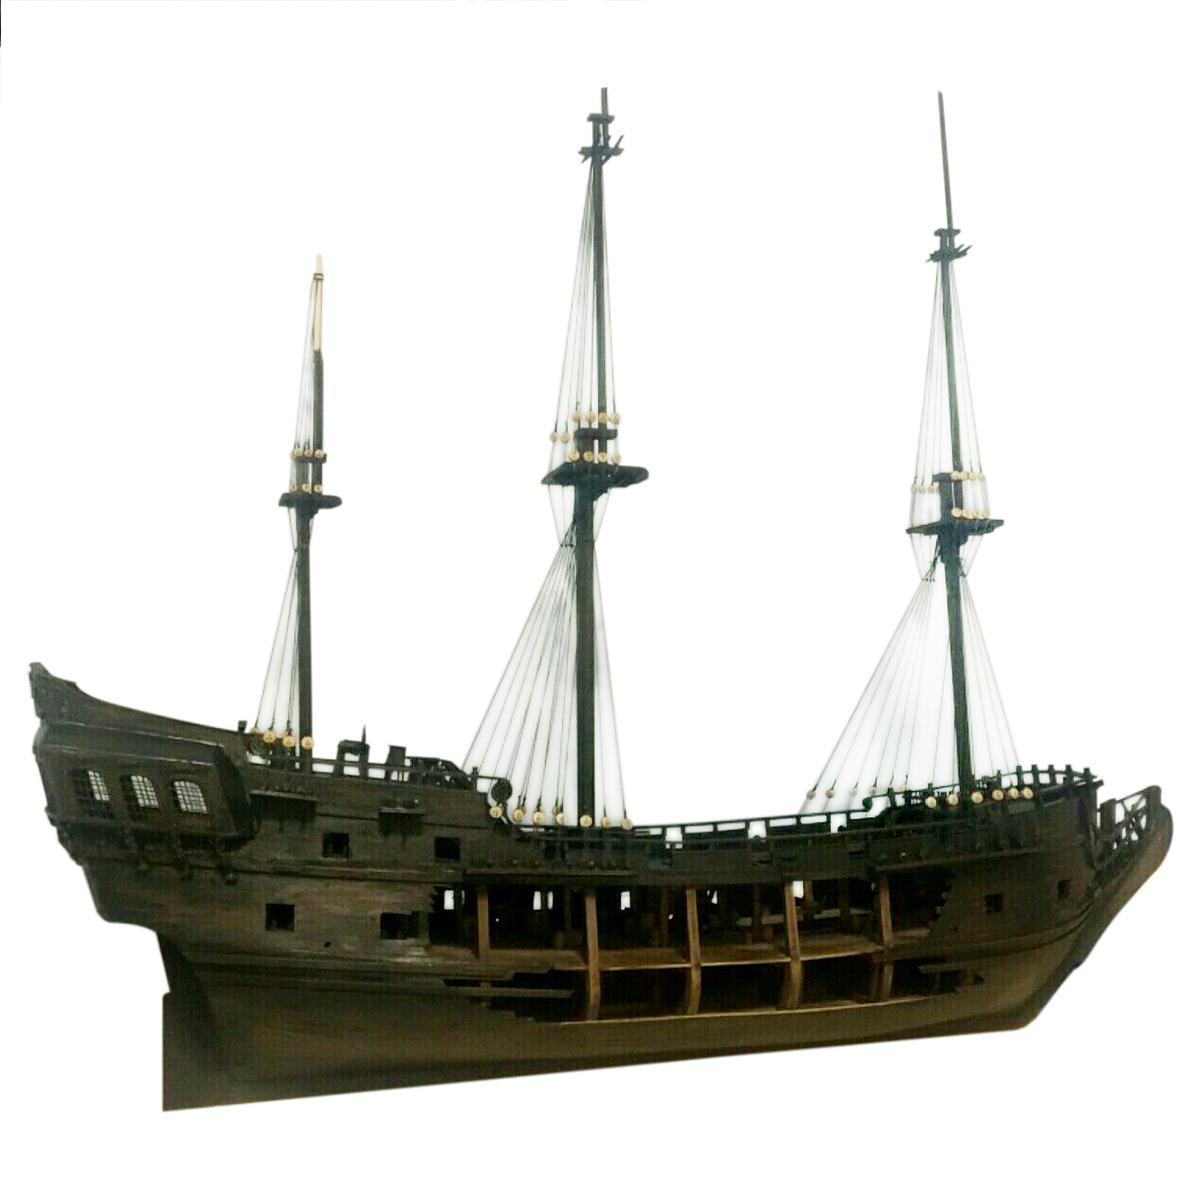 1:50 DIY De Black Pearl Model Schip Kits Voor Gift Voor s Van De Caribbean Diy Set Kits Montage Boot speelgoed model kit - 2